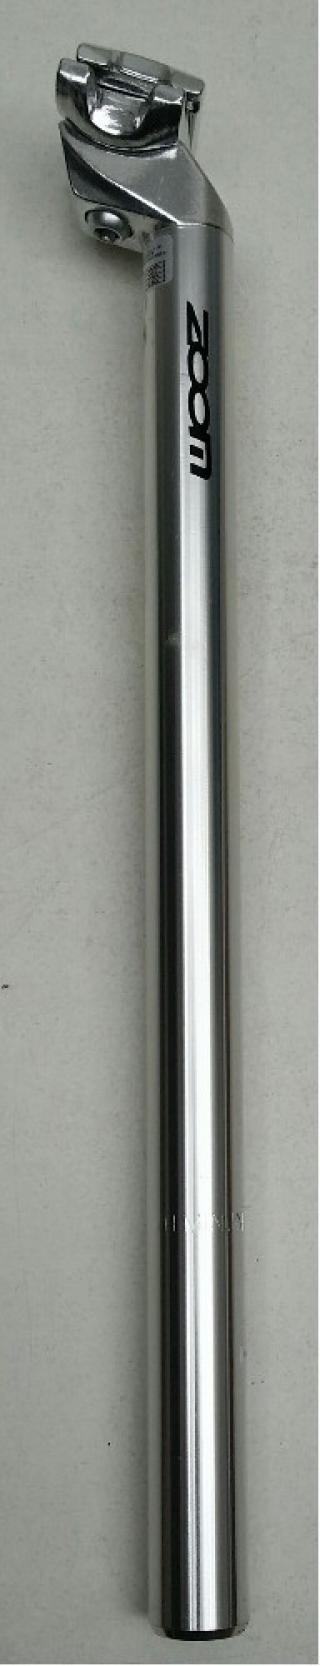 Zoom sedlovka SP-C207 AL/AL zámek 25,4/400mm stříb